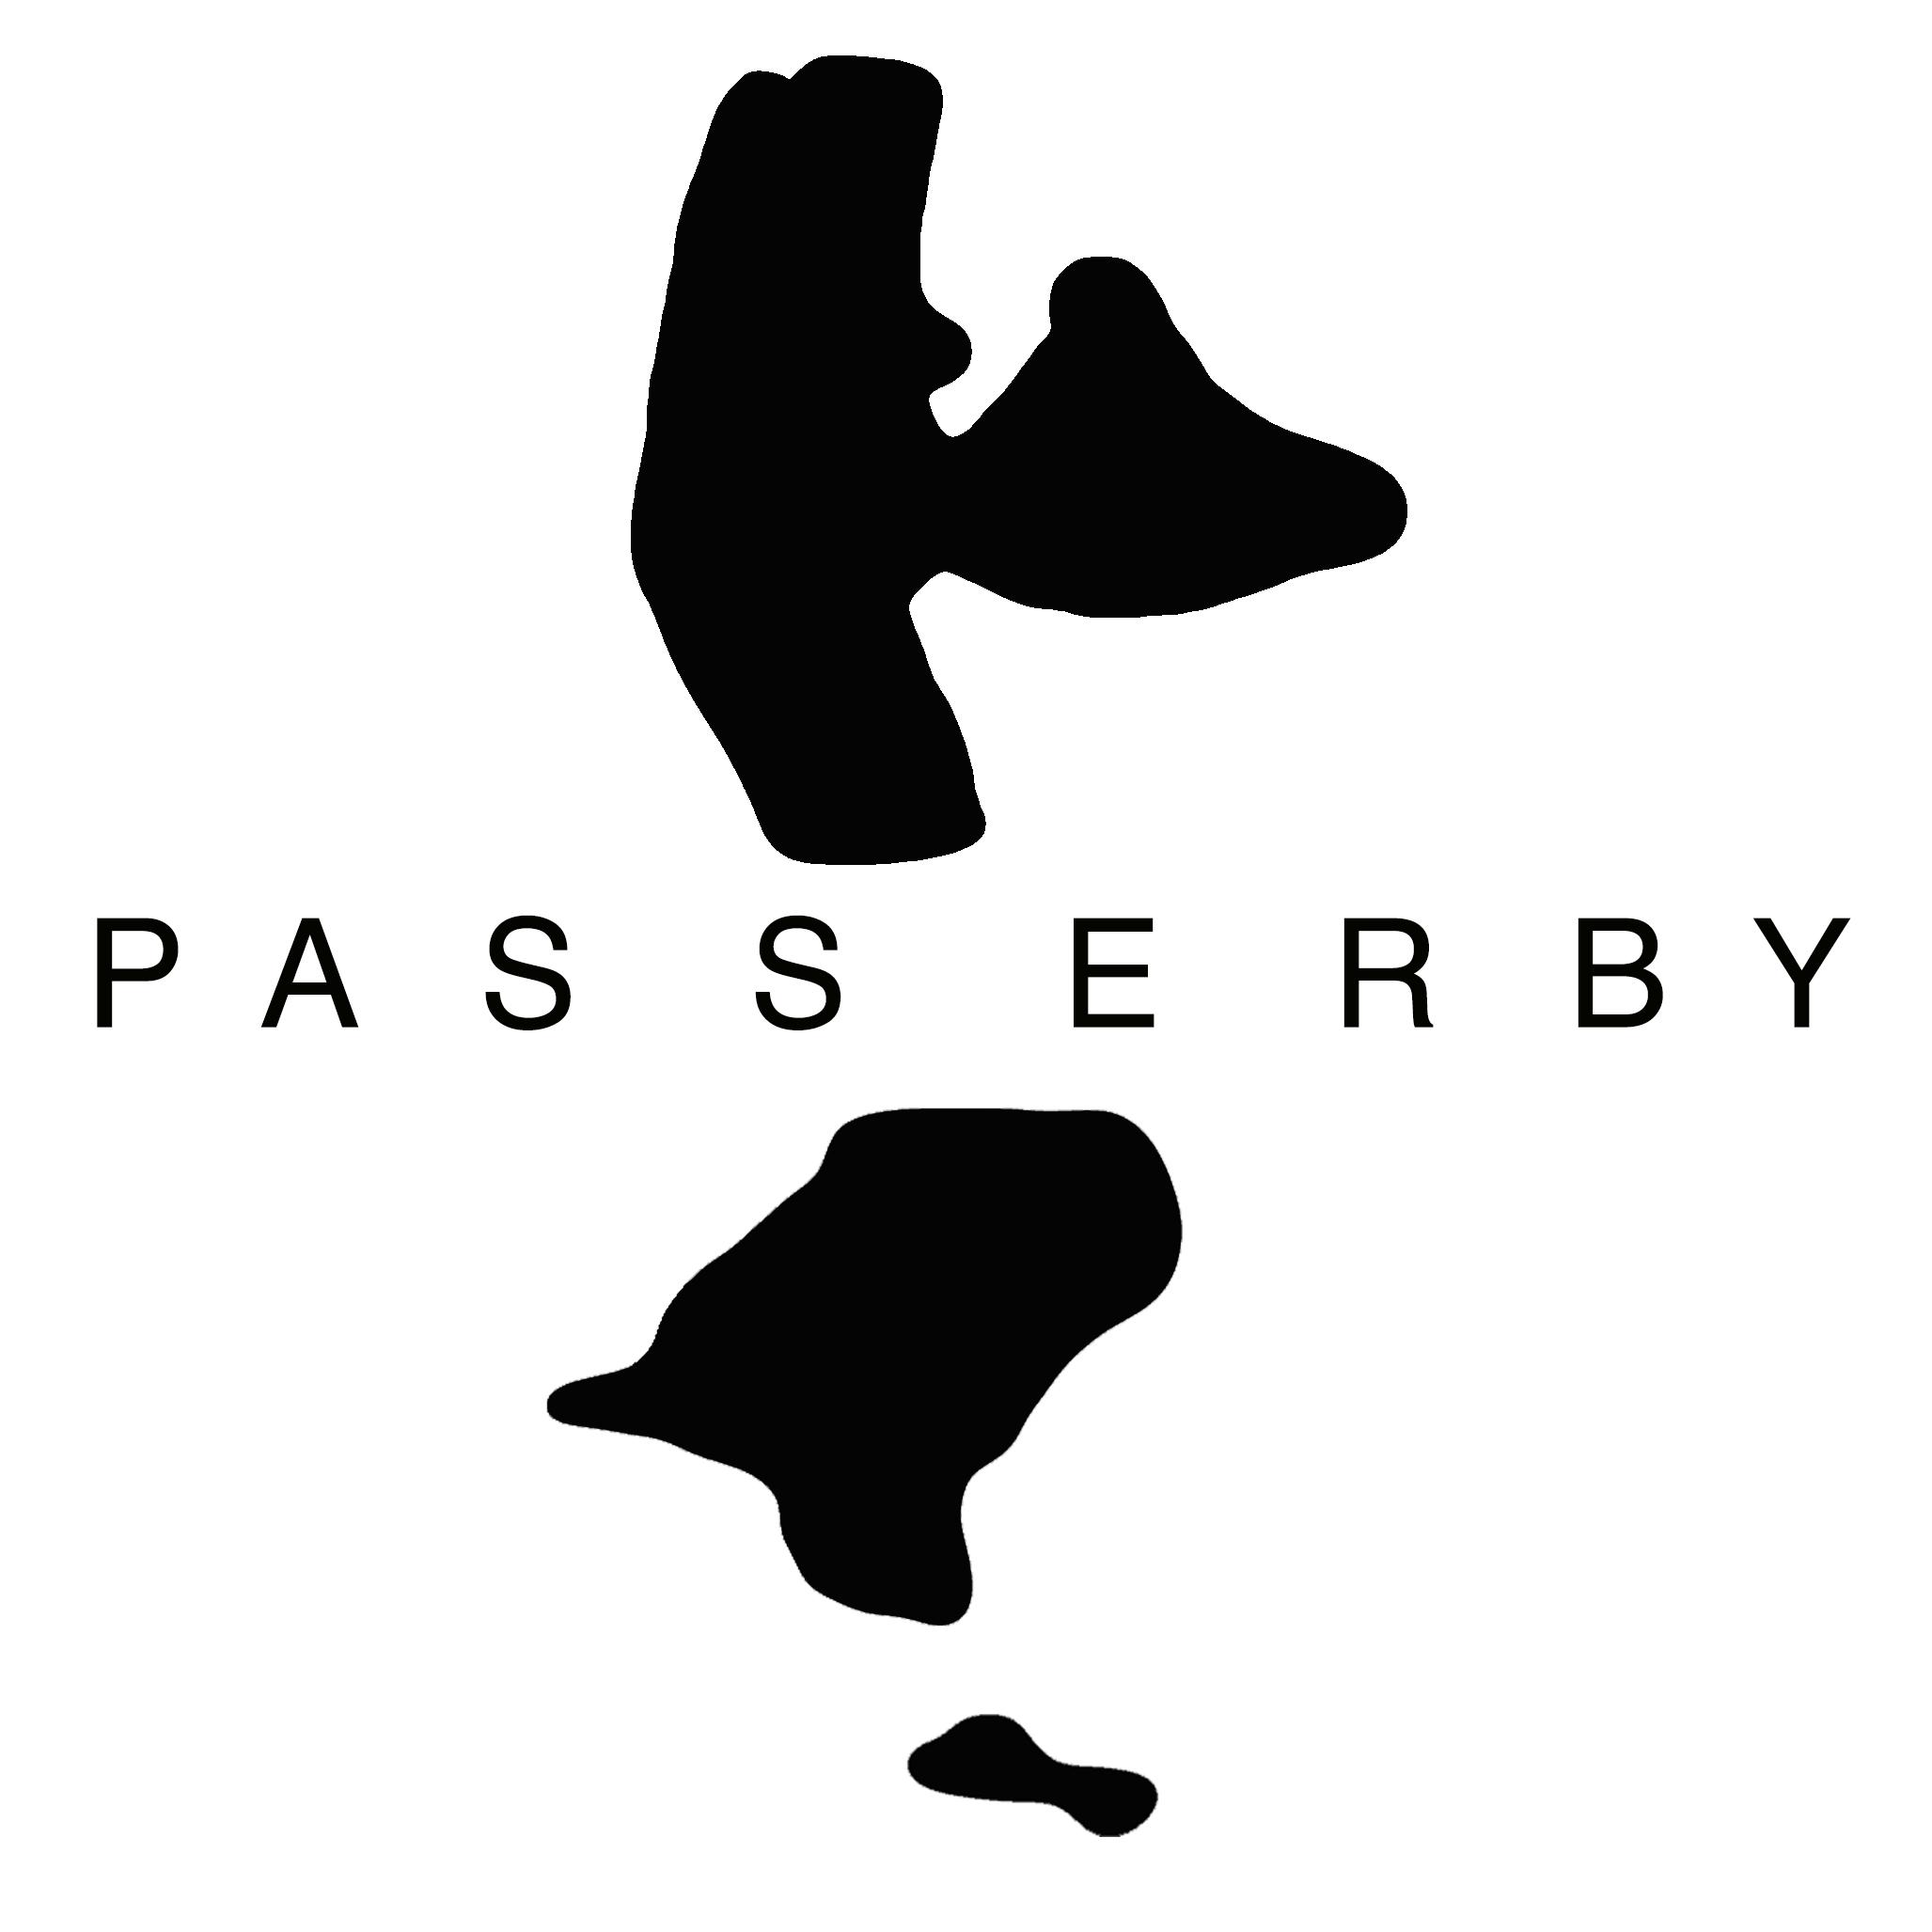 PASSERBY LOGO.jpg